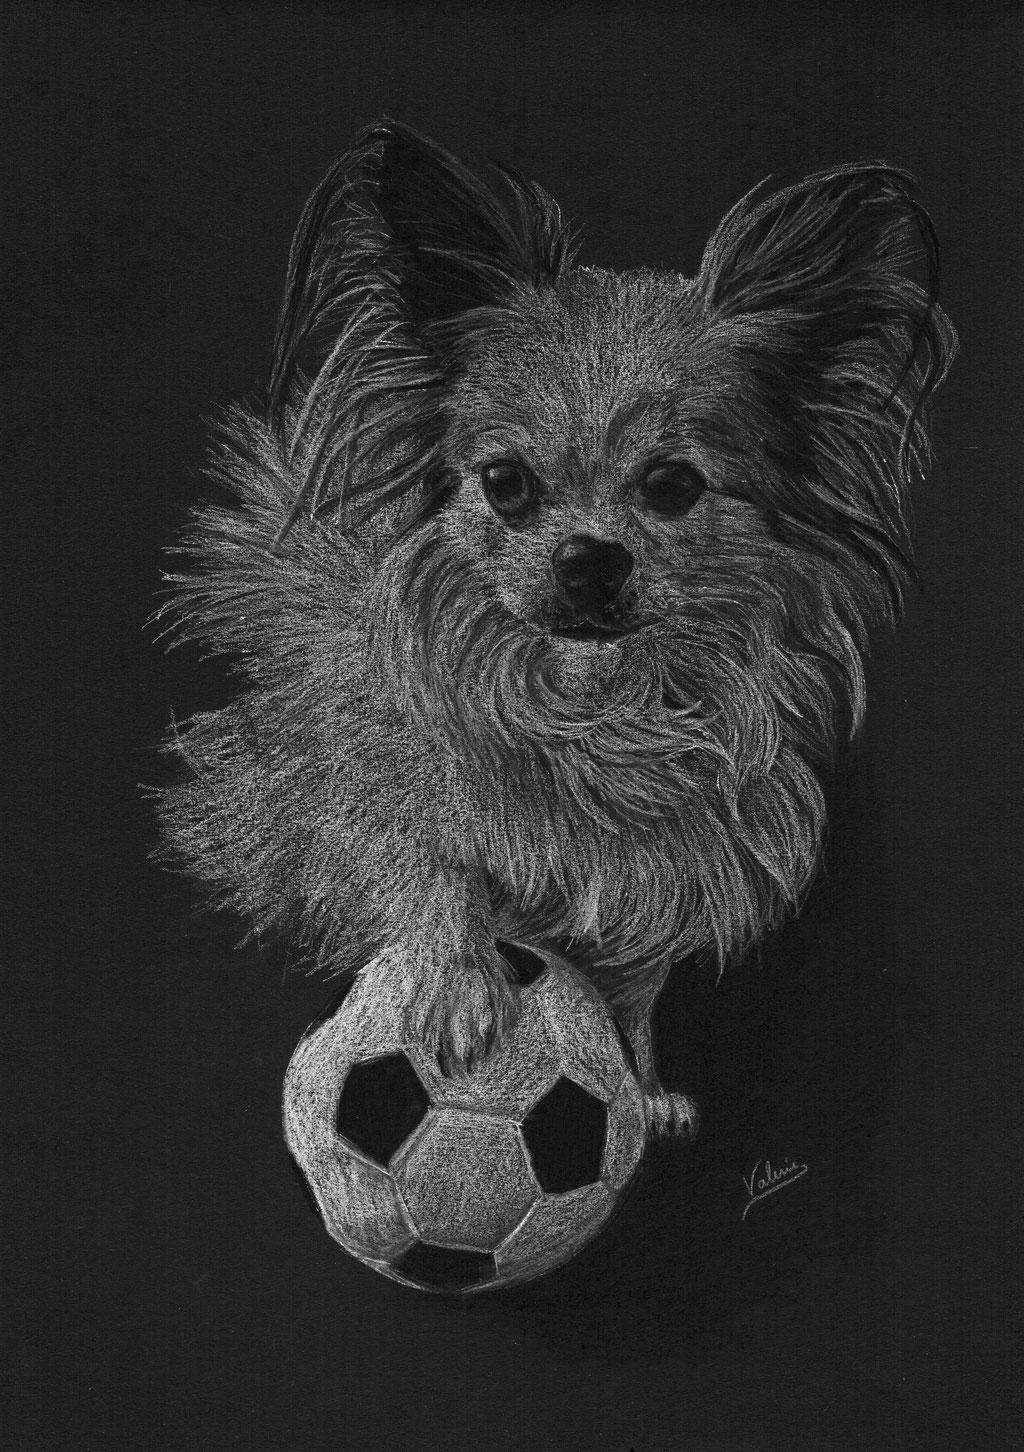 Dierenportret chihuahua met voetbal: Wit potlood en houtskool op zwart papier (2017)